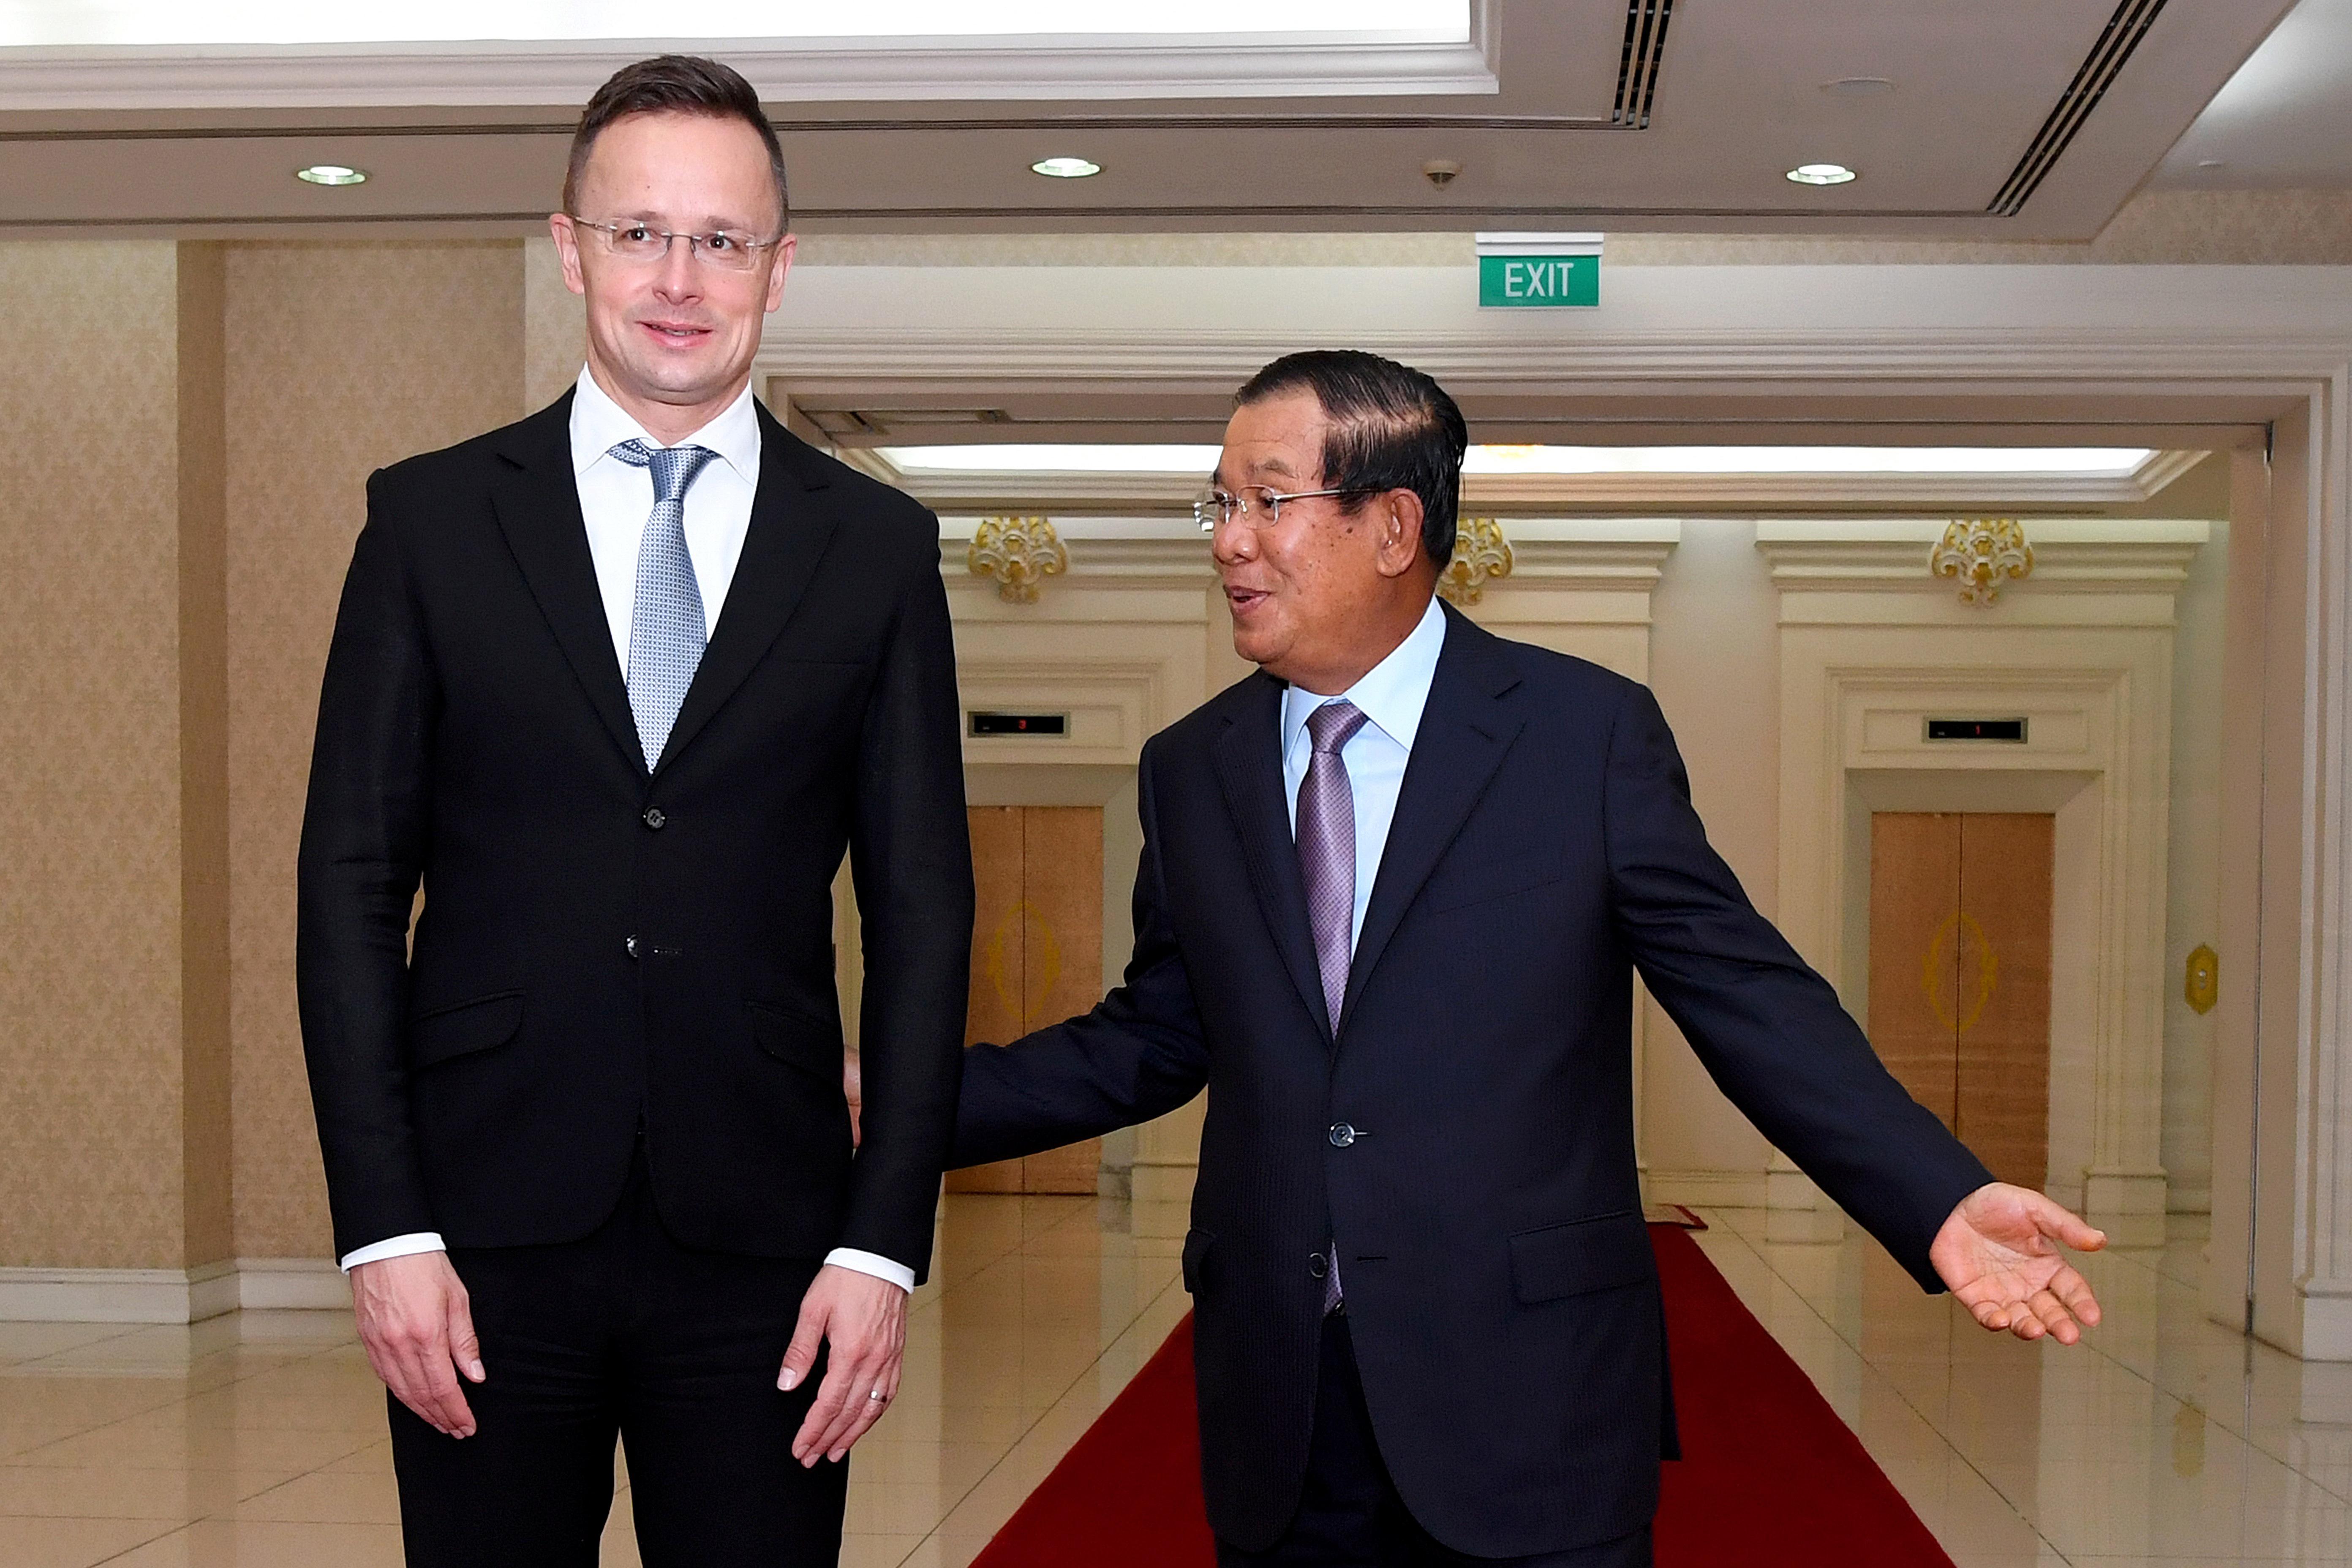 Karanténba vonul több kambodzsai vezető Szijjártó Péter miatt